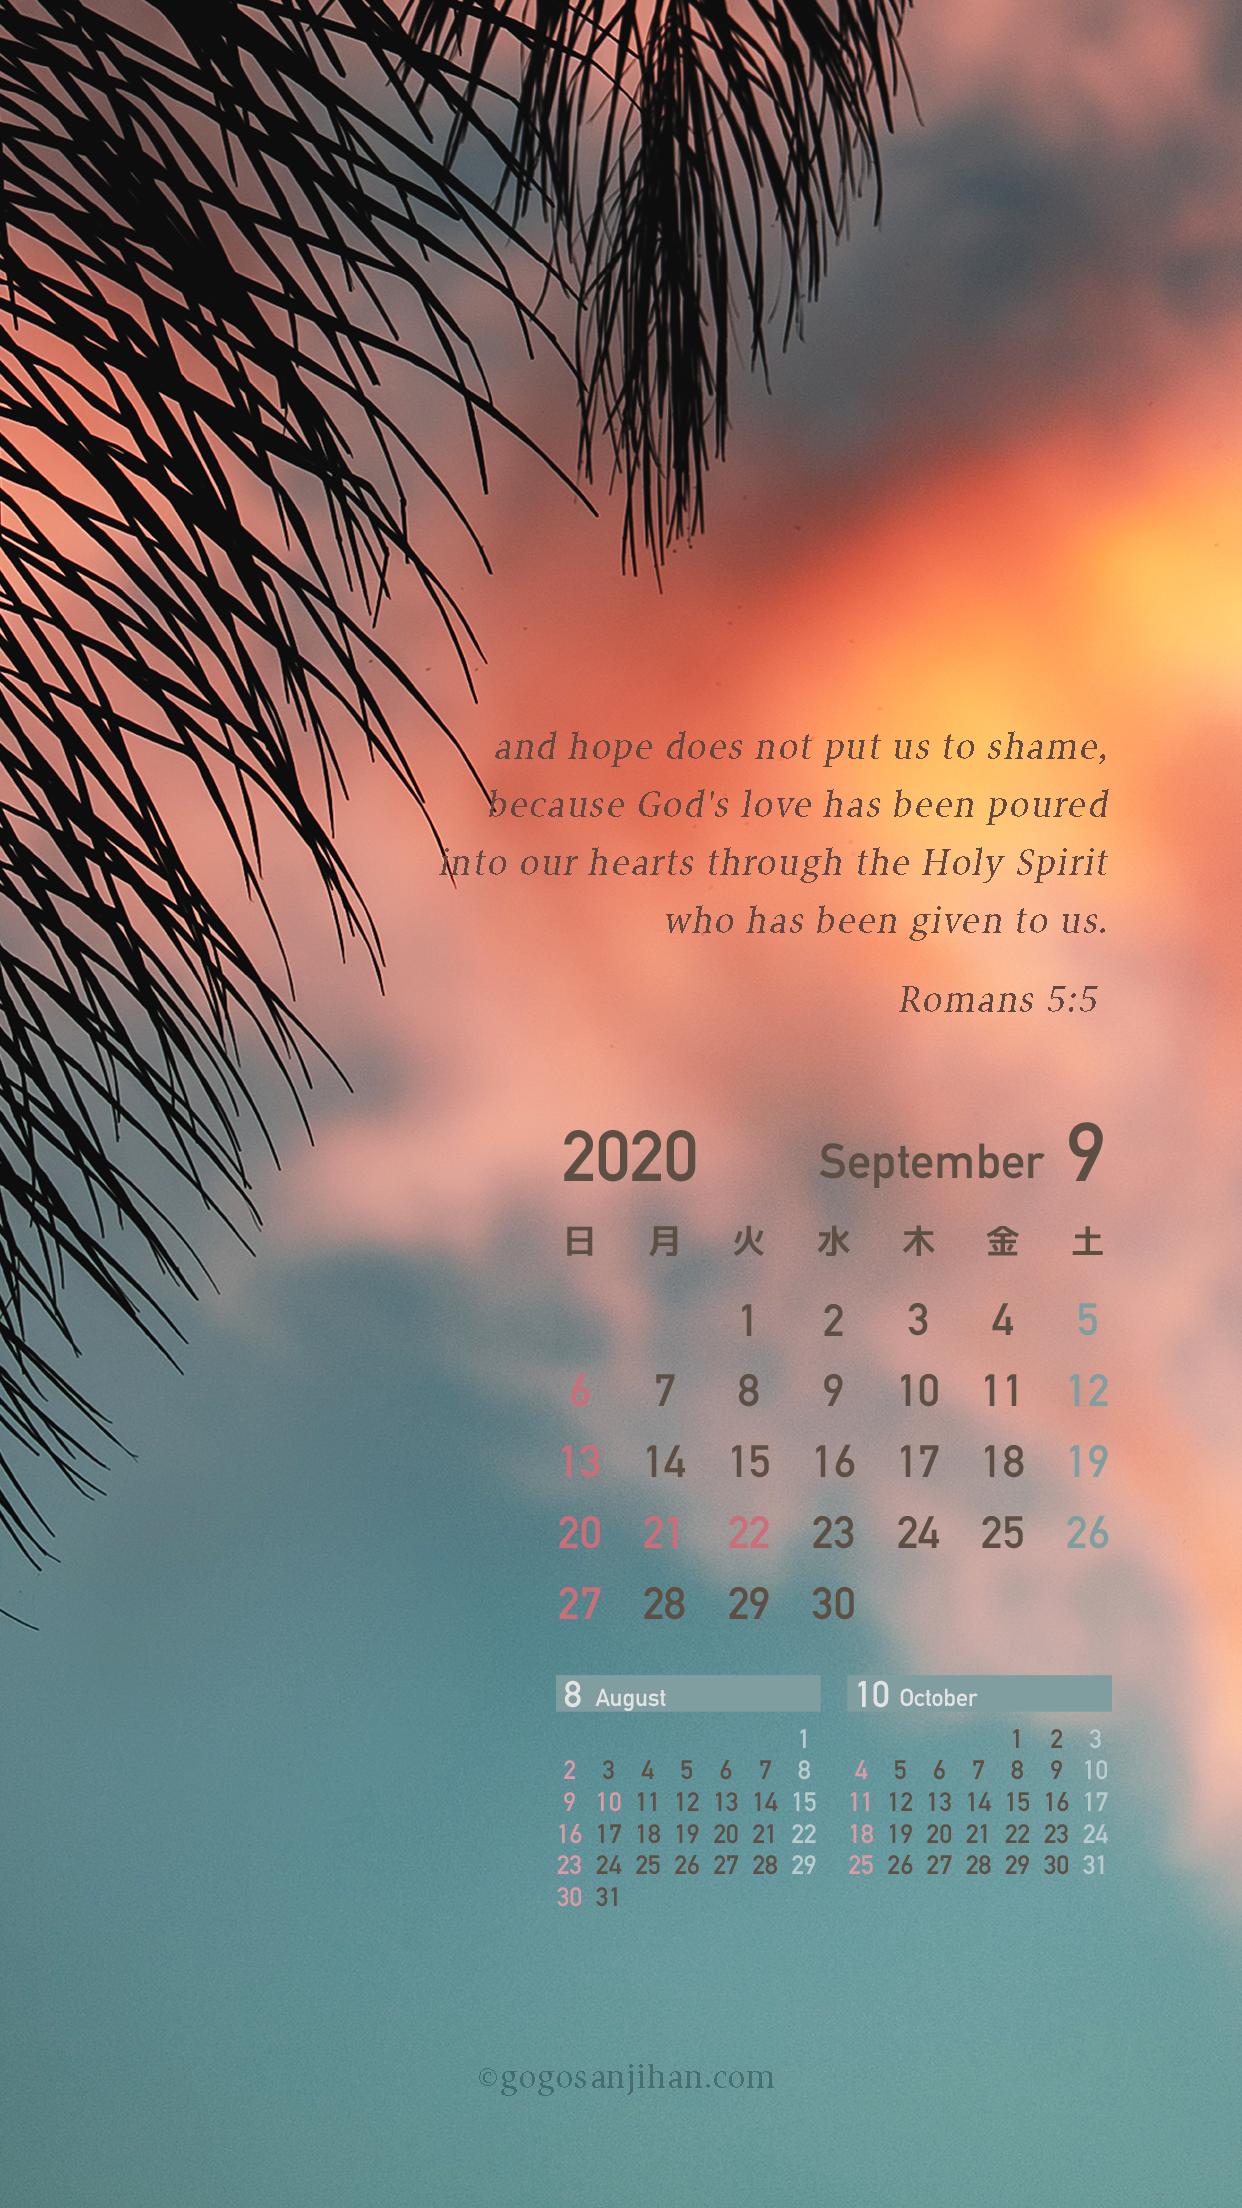 スマホ年9月カレンダー壁紙 みことば壁紙をリリースしました フリーダウンロード Iphone アンドロイド デザイン工房 午後3 30